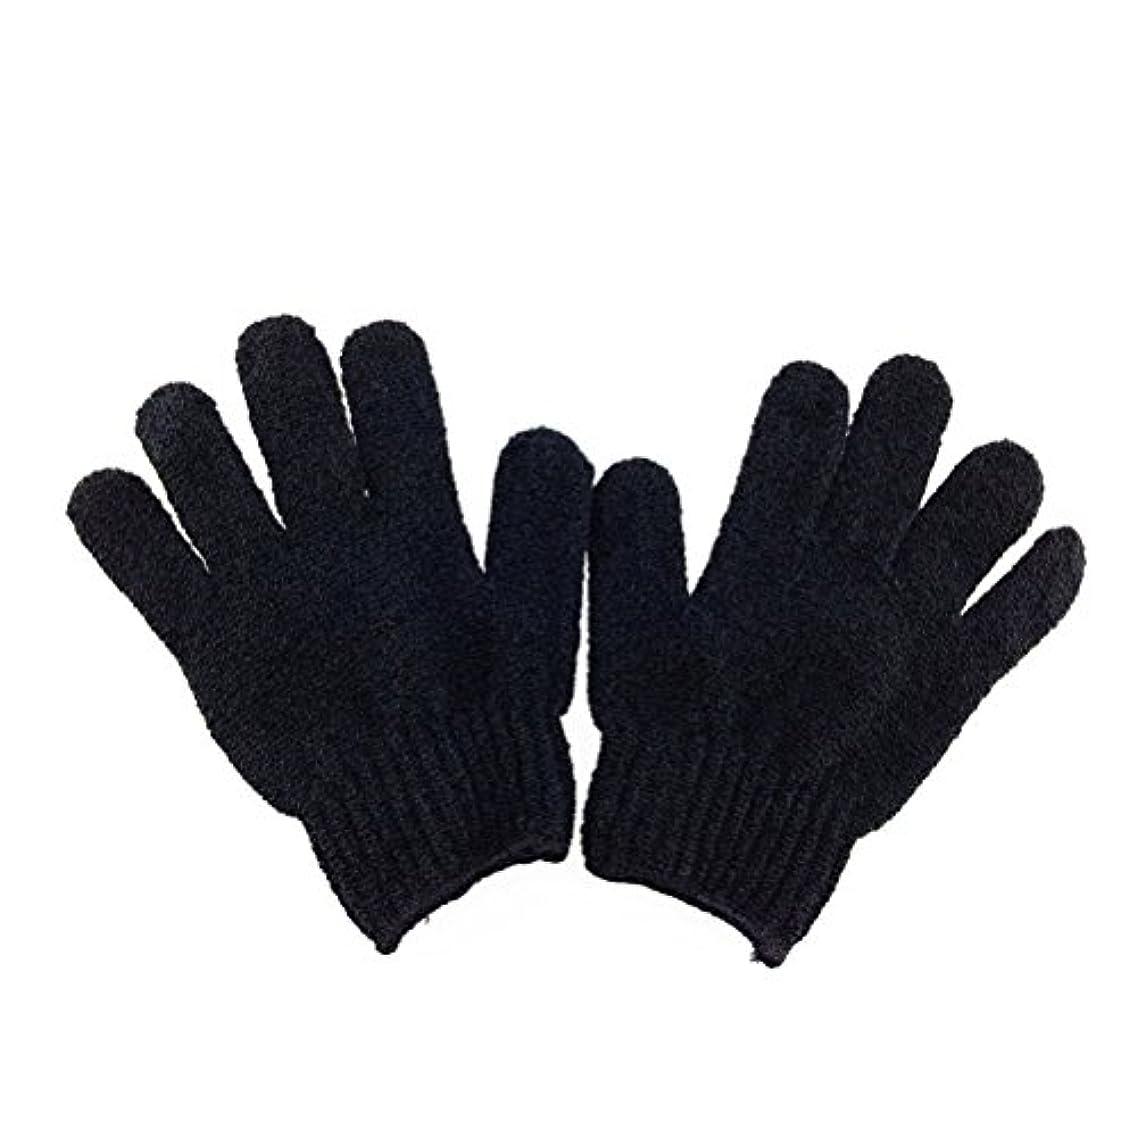 どこでもはさみ精査Supvox シャワー剥離手袋バスボディーシャワー剥離手袋1ペア(ブラック)